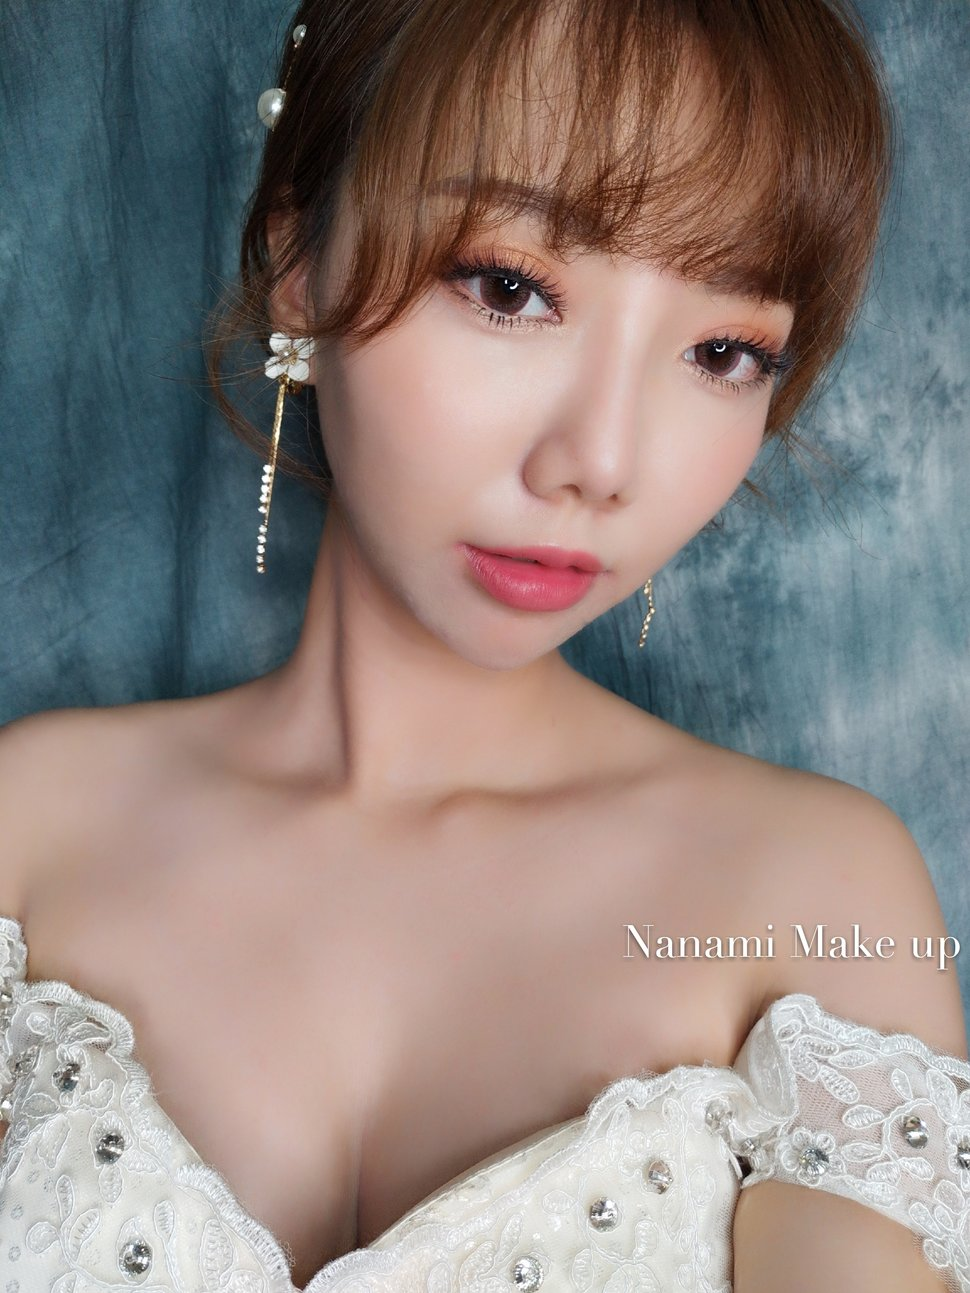 B222FA46-010D-465F-BF82-2AFE3D2580DA - Nanami 張慈慈《結婚吧》